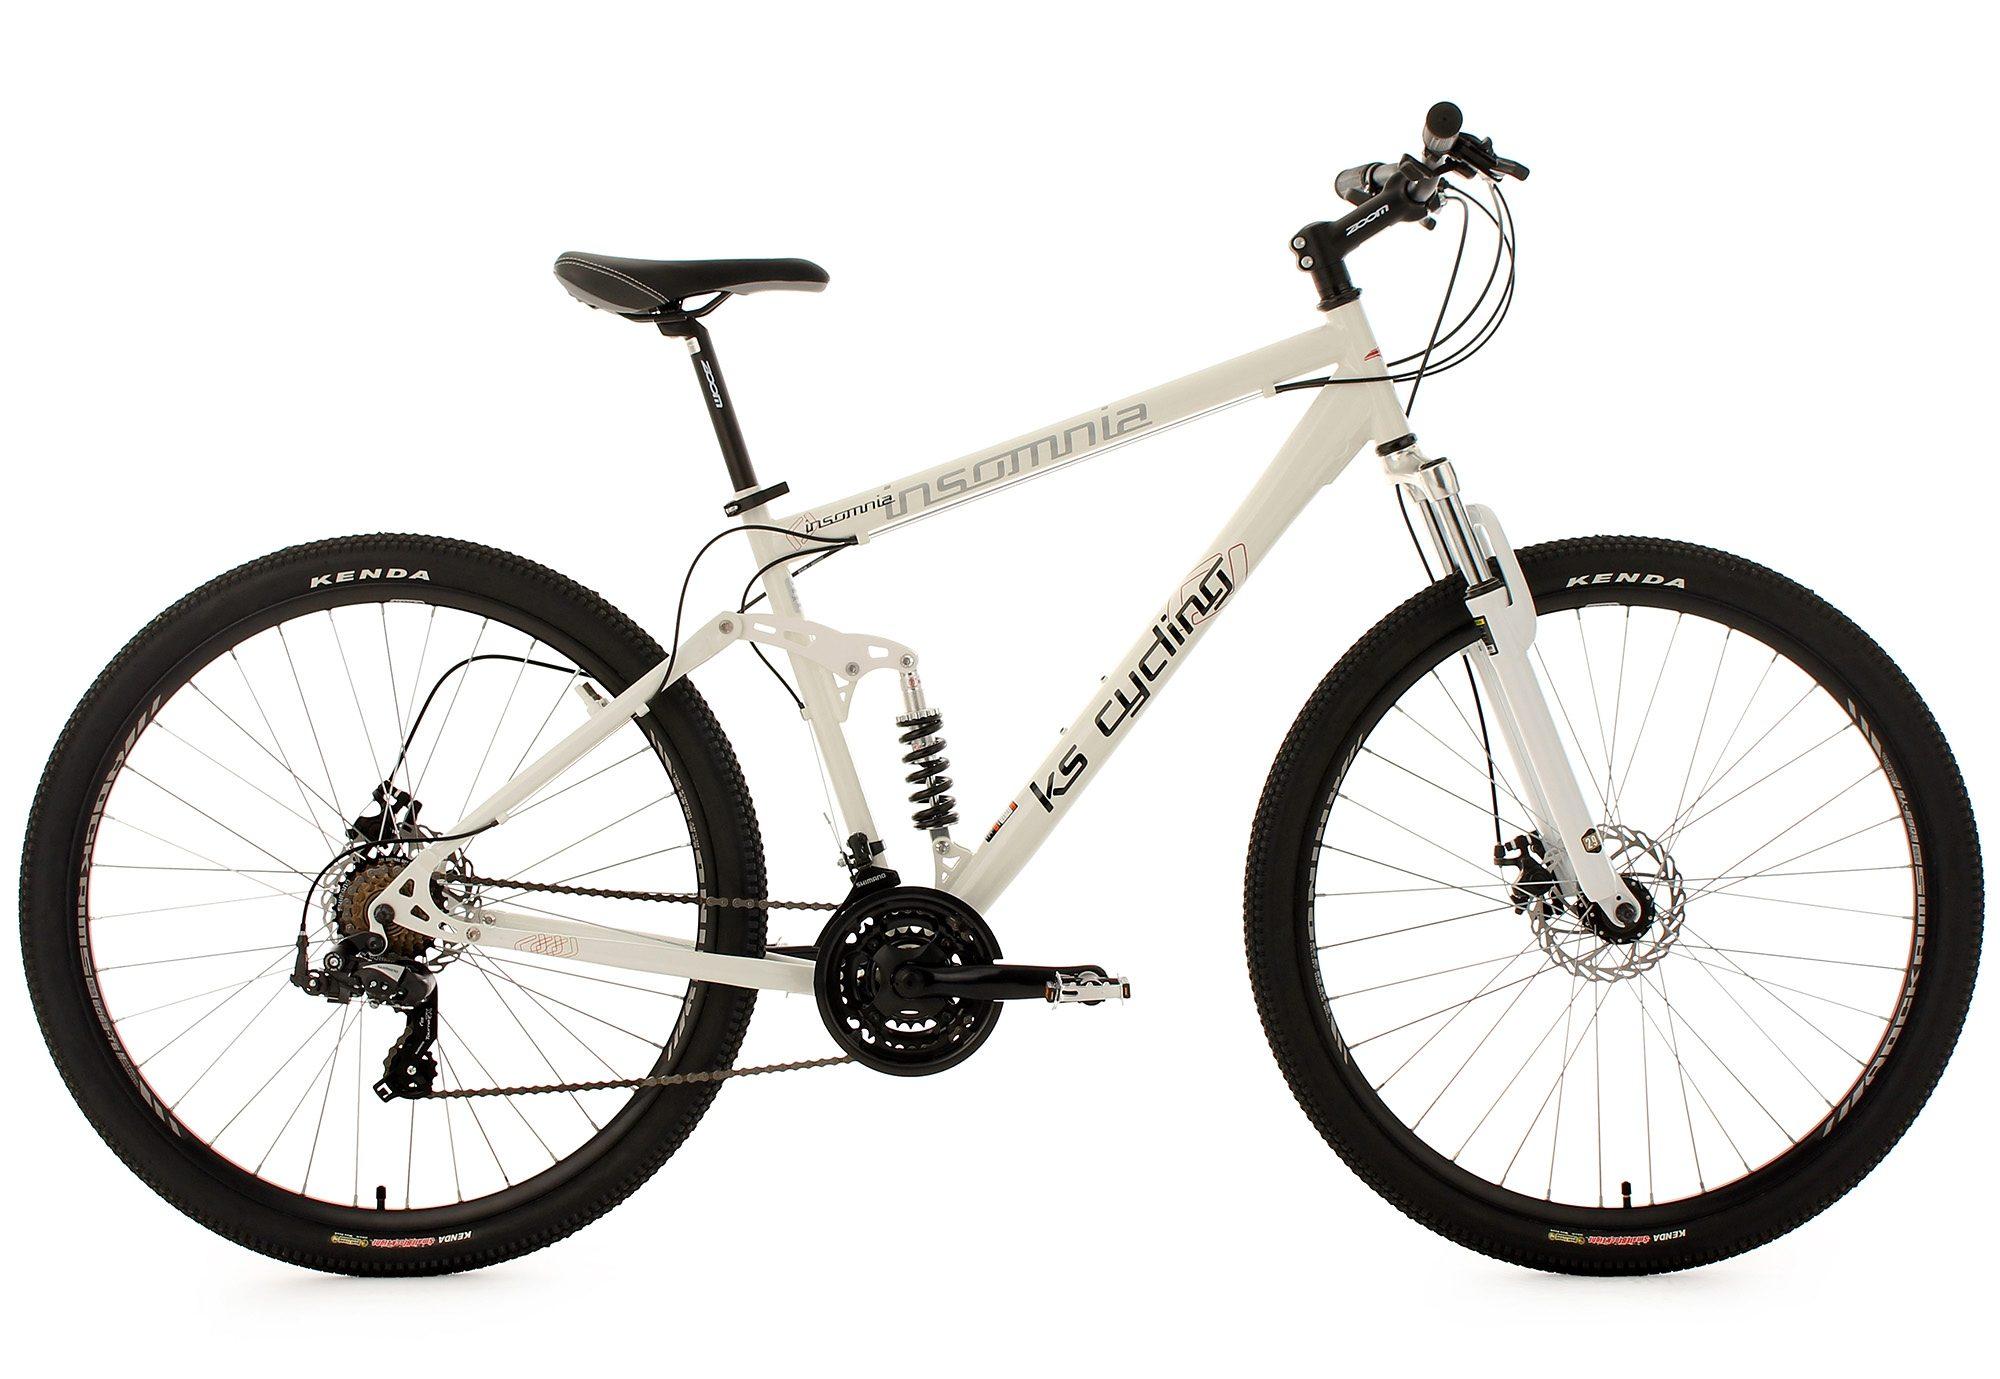 KS Cycling Fully Mountainbike, 29 Zoll, weiß, 21 Gang-Kettenschaltung, »Insomnia«